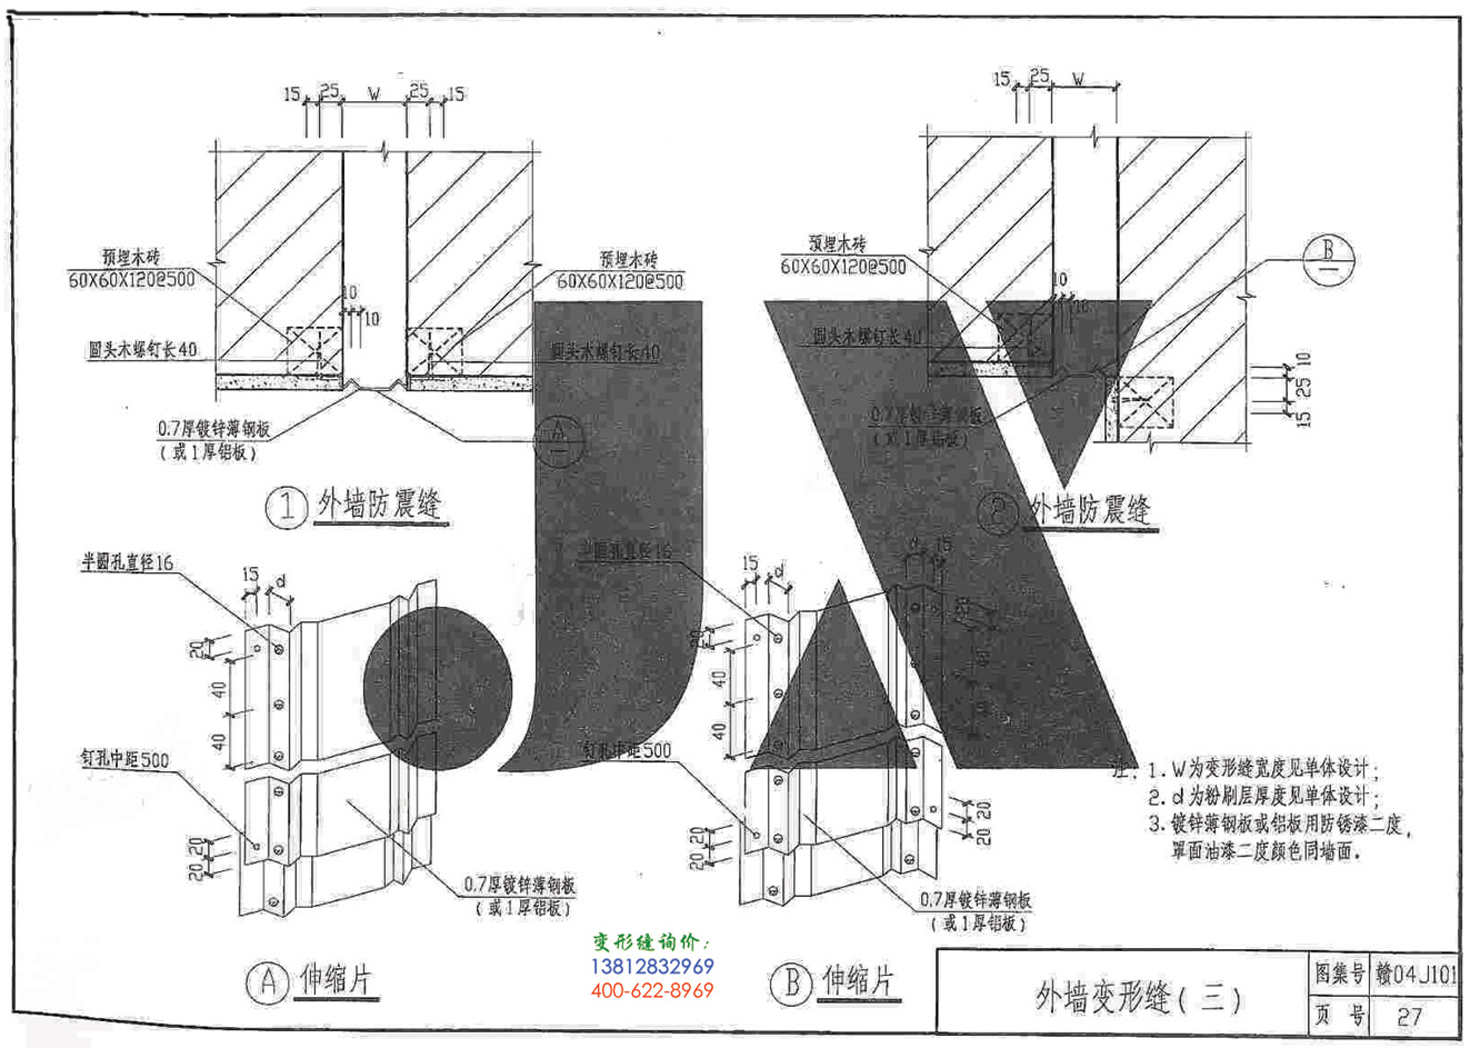 赣04J101变形缝图集第28页